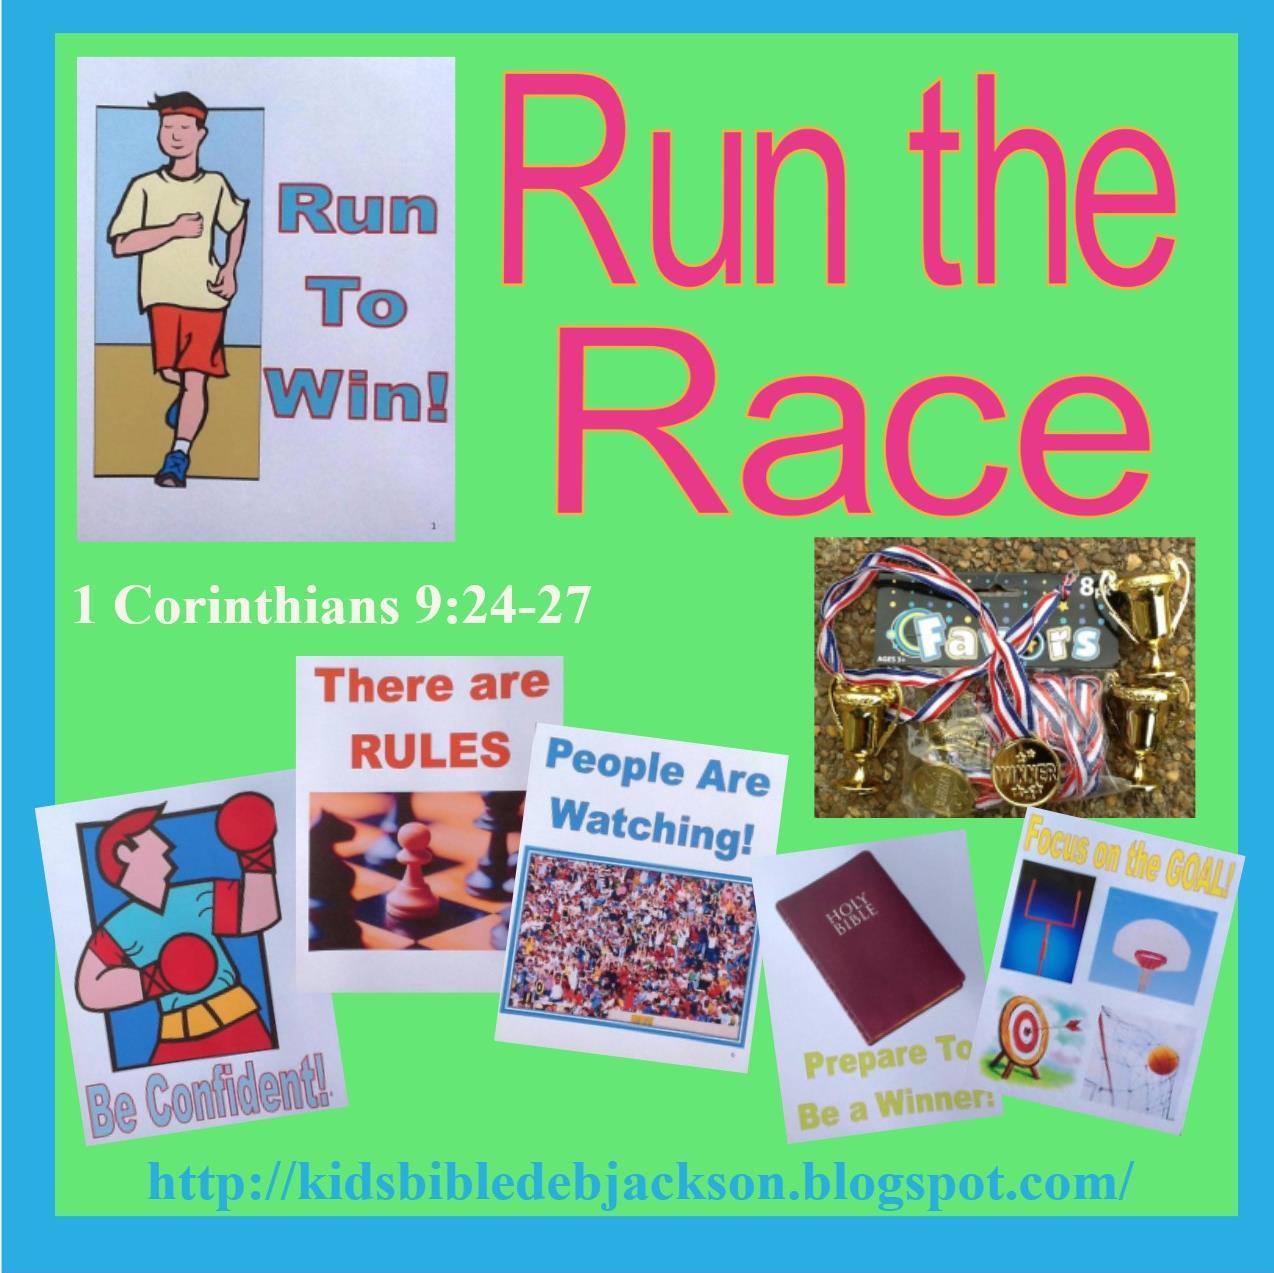 http://kidsbibledebjackson.blogspot.com/2013/05/run-race.html